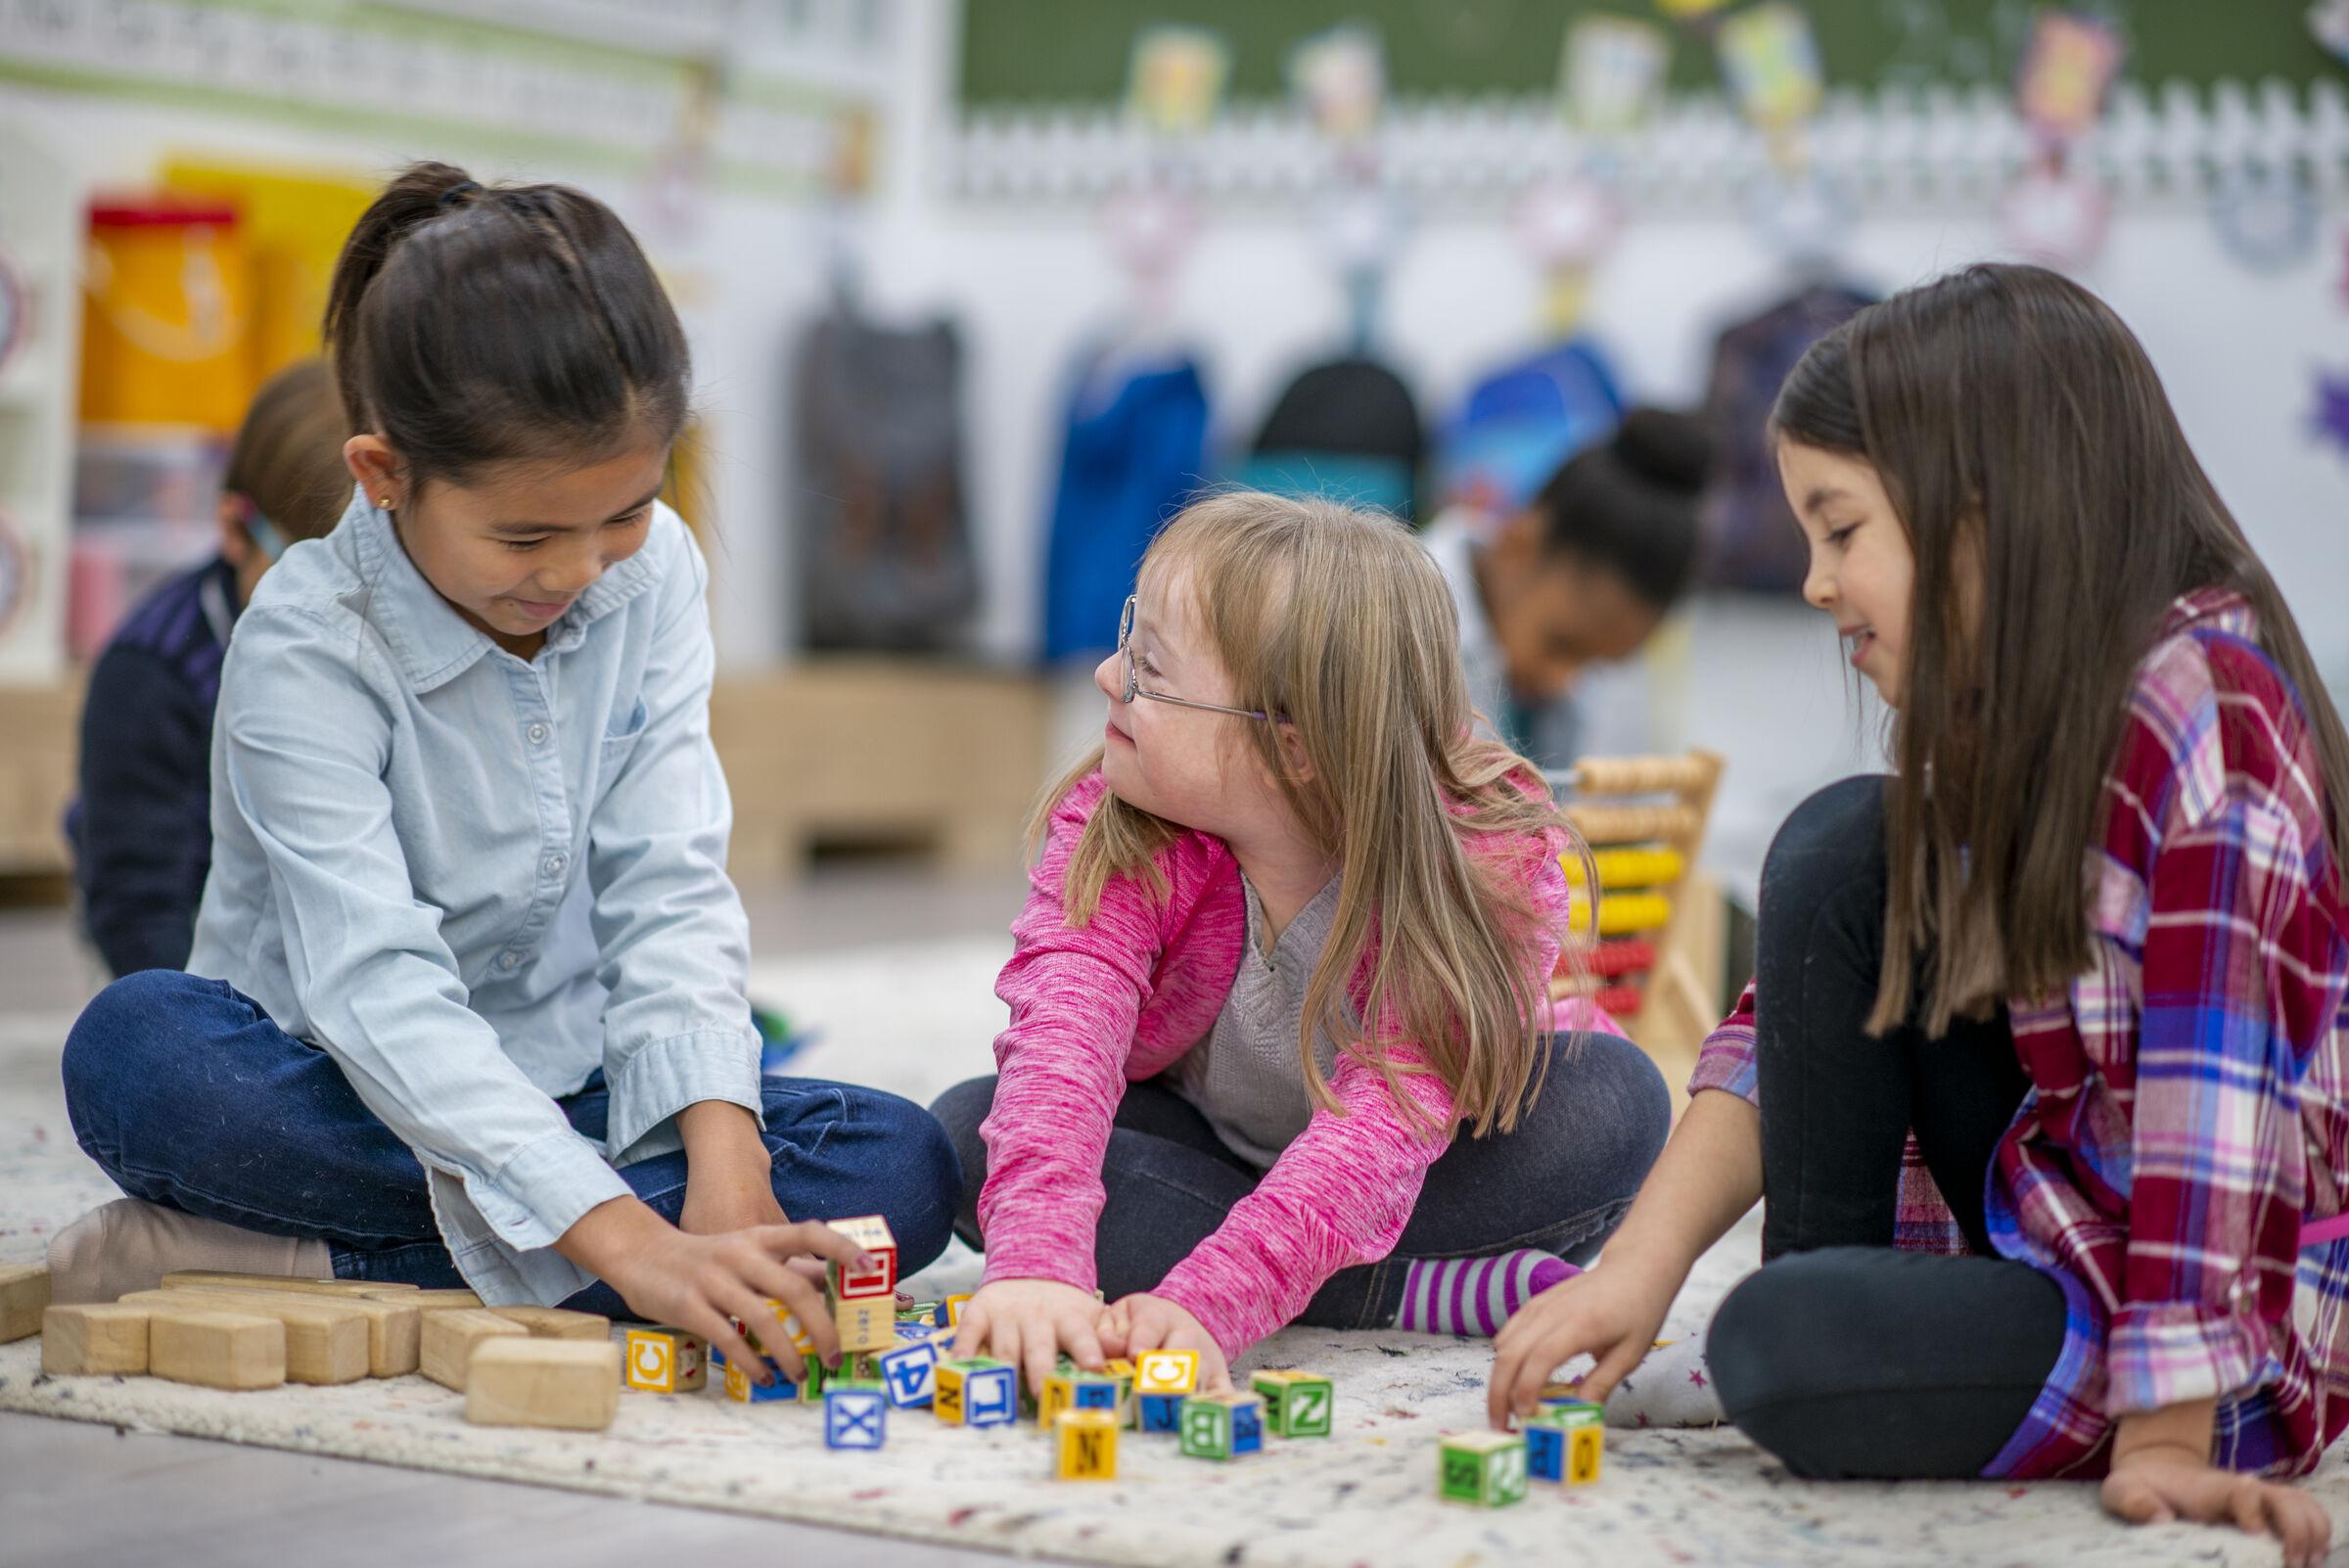 Crianças-brincando-juntas-na-escola